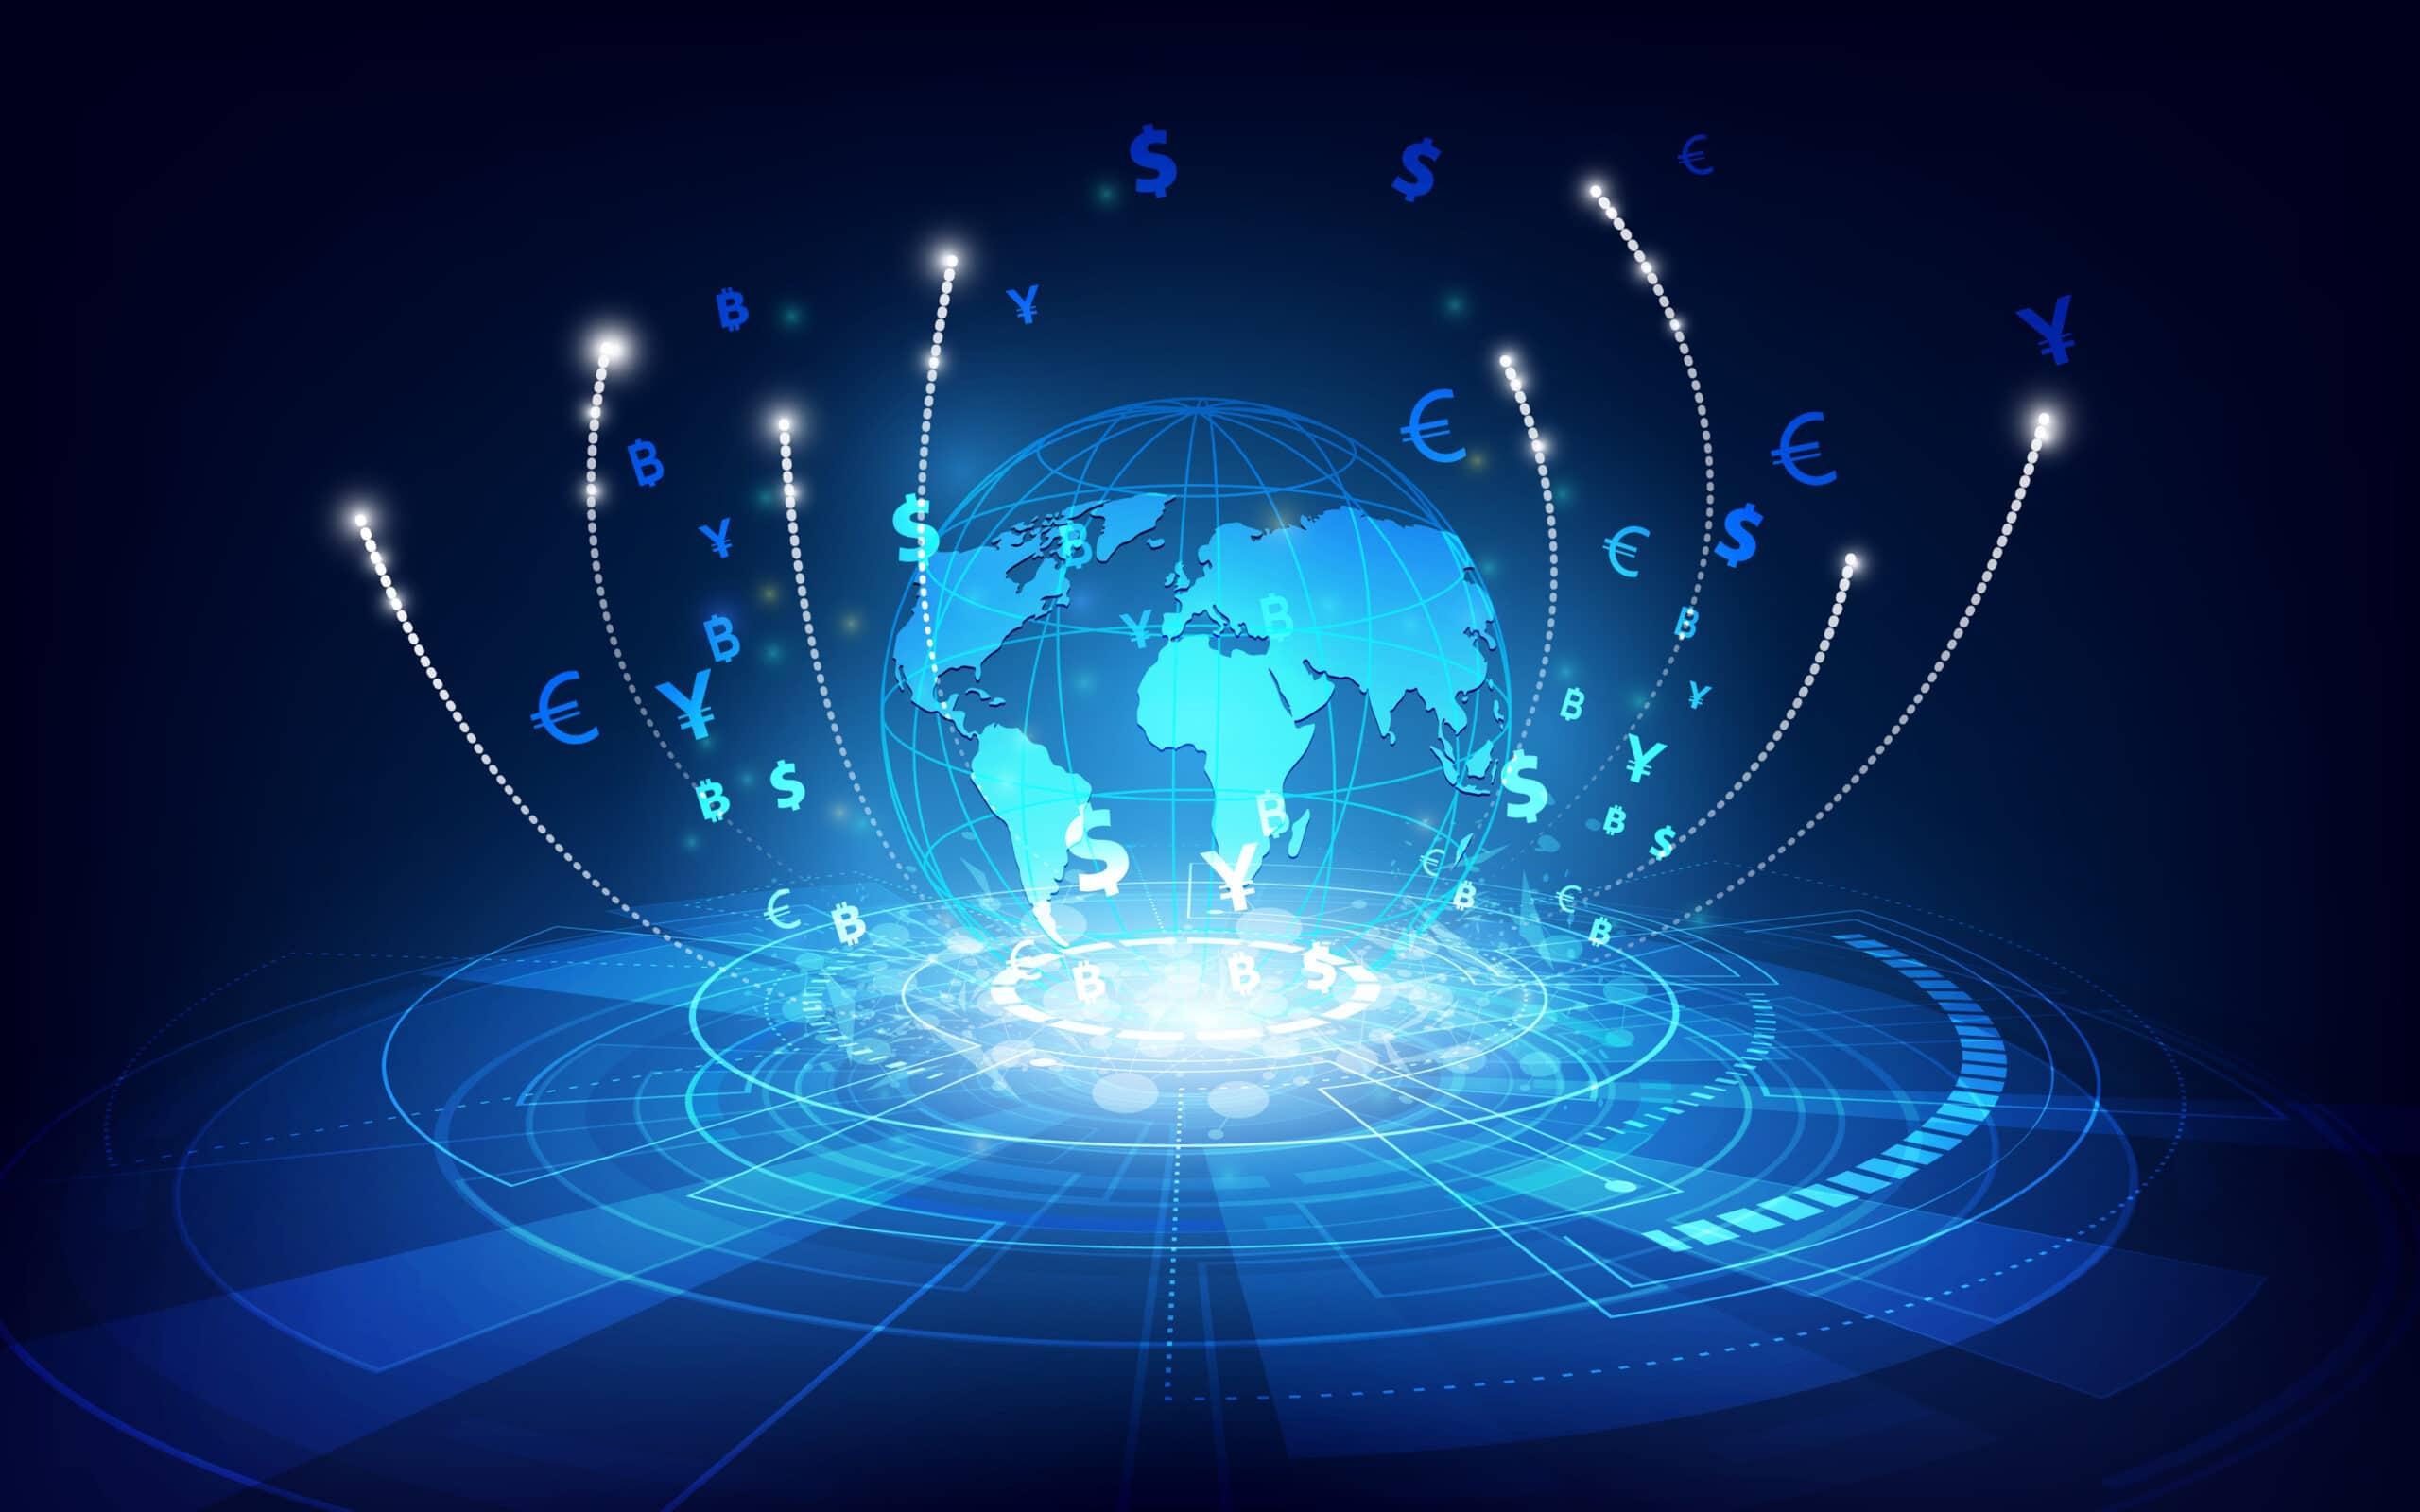 أفضل العملات الرقمية للاستثمار